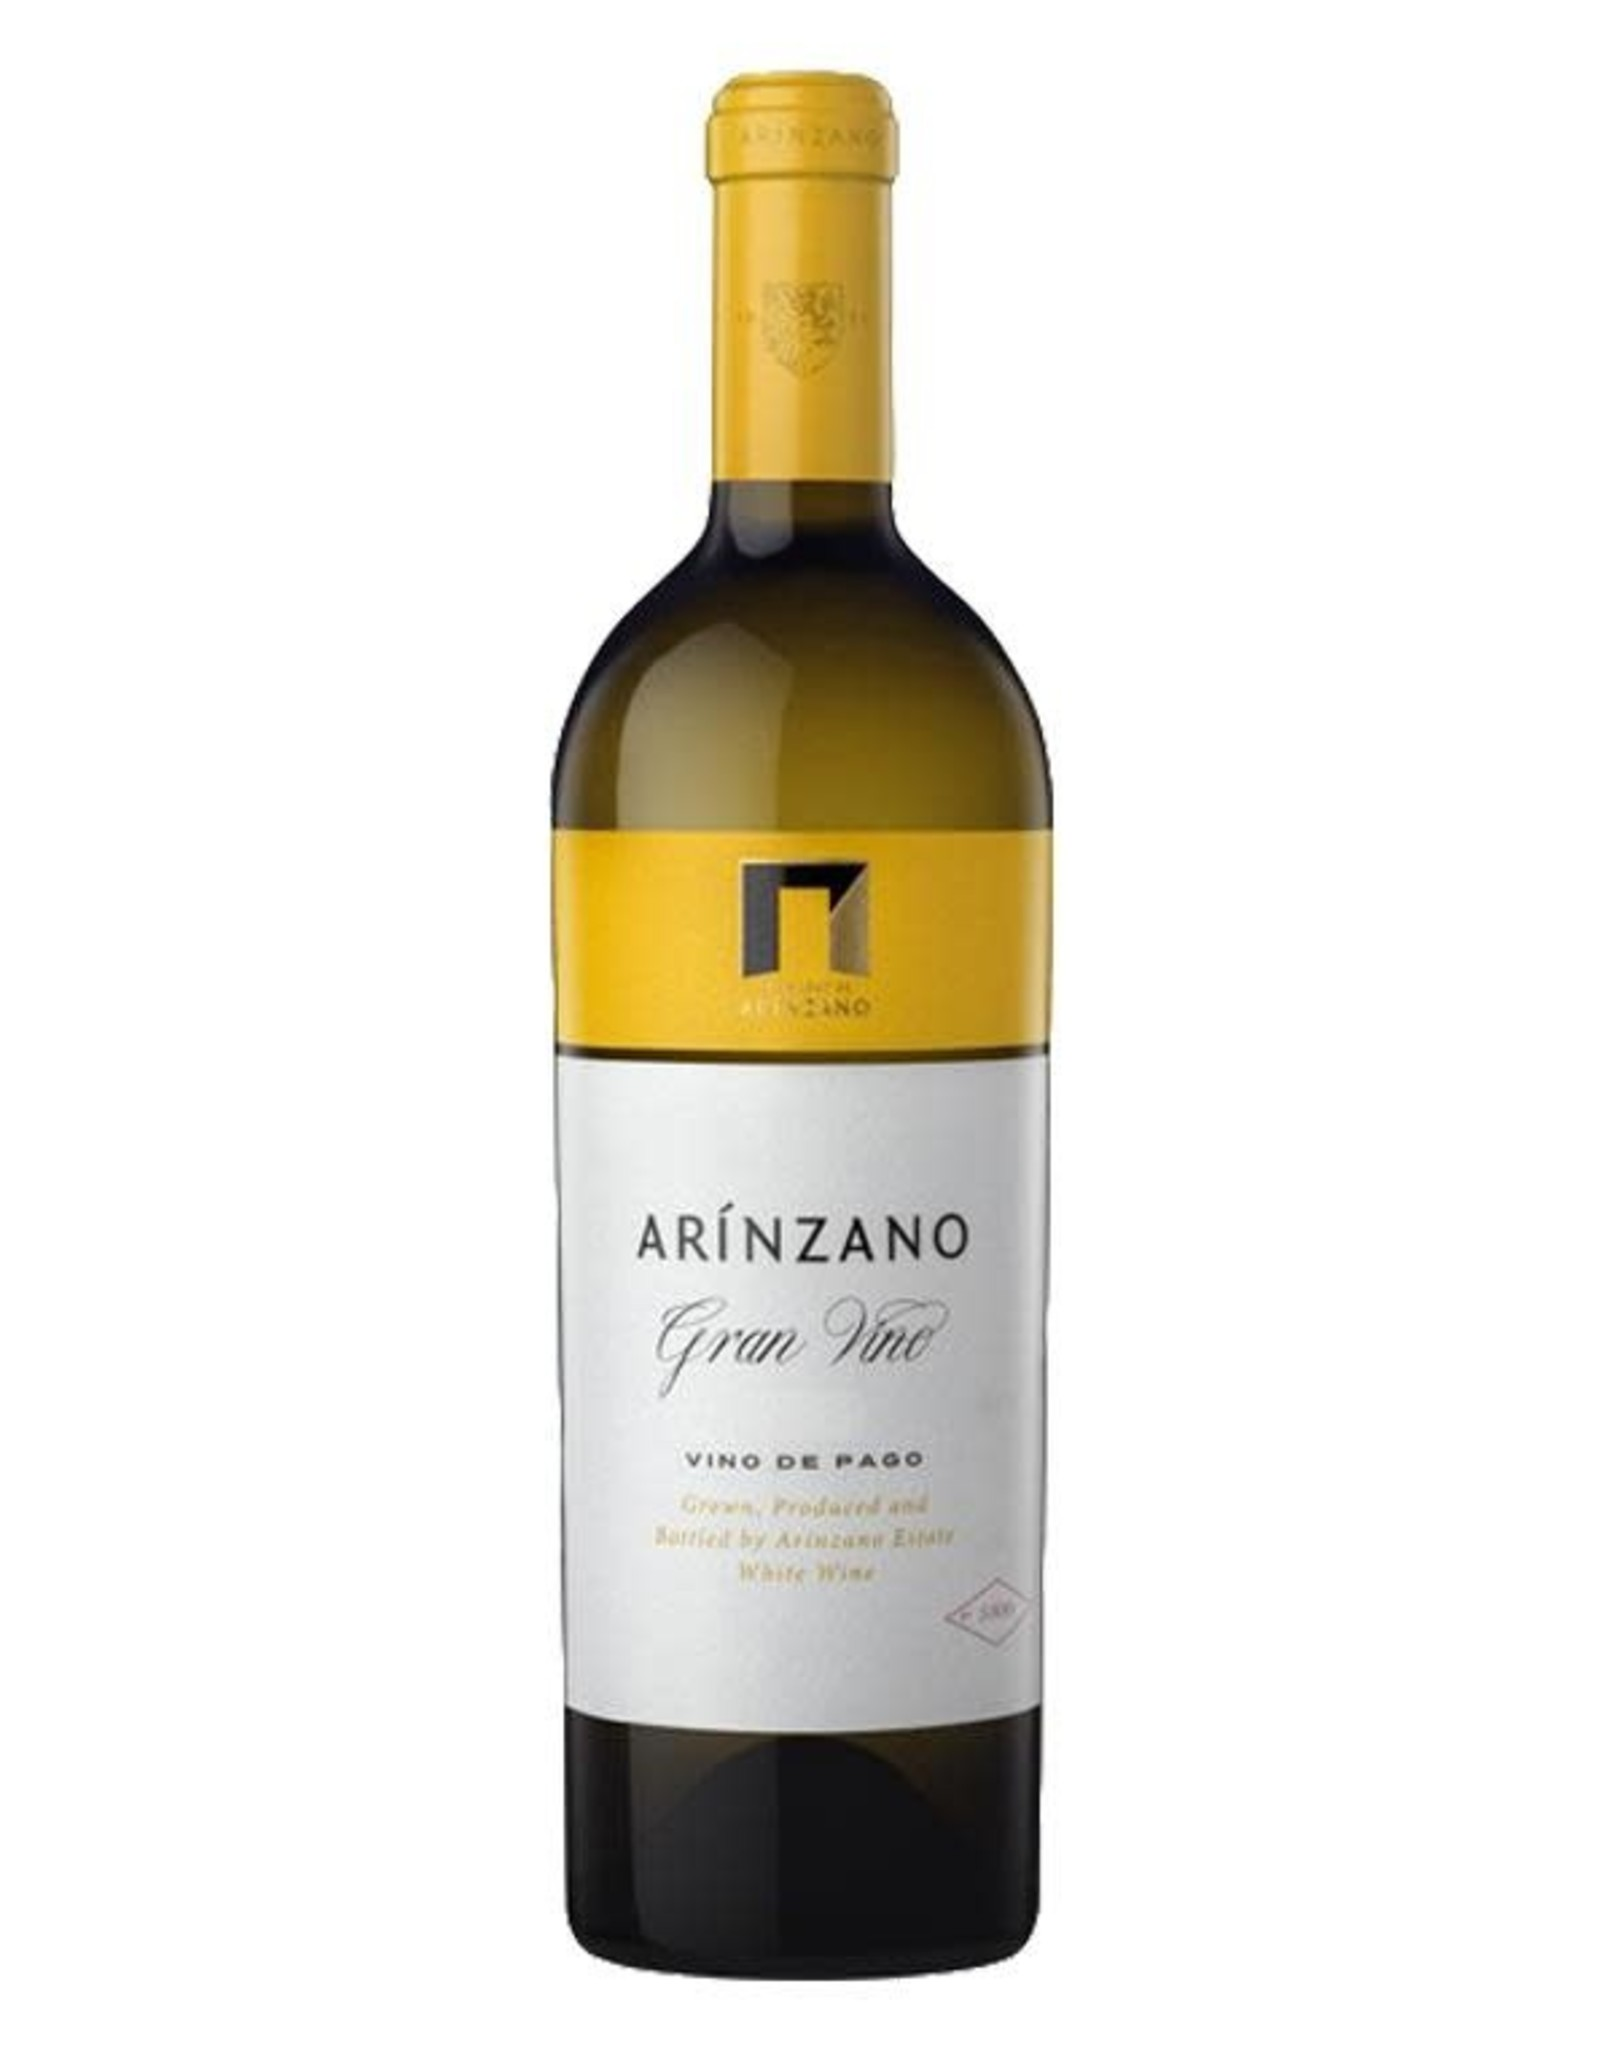 Arinzano Gran Vino White Spain 2014